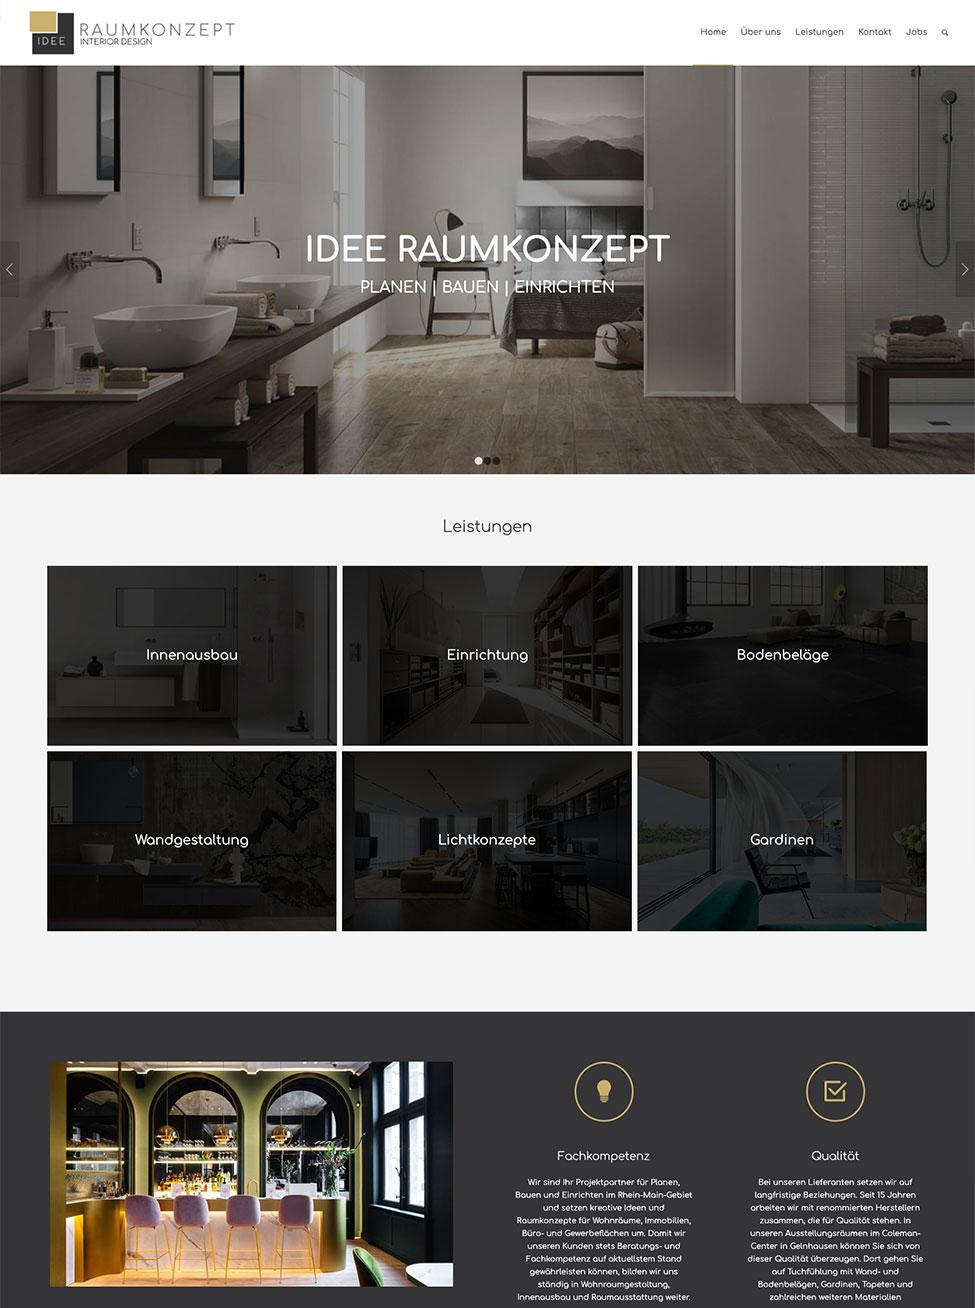 IDEE RAUMKONZEPT KS GmbH